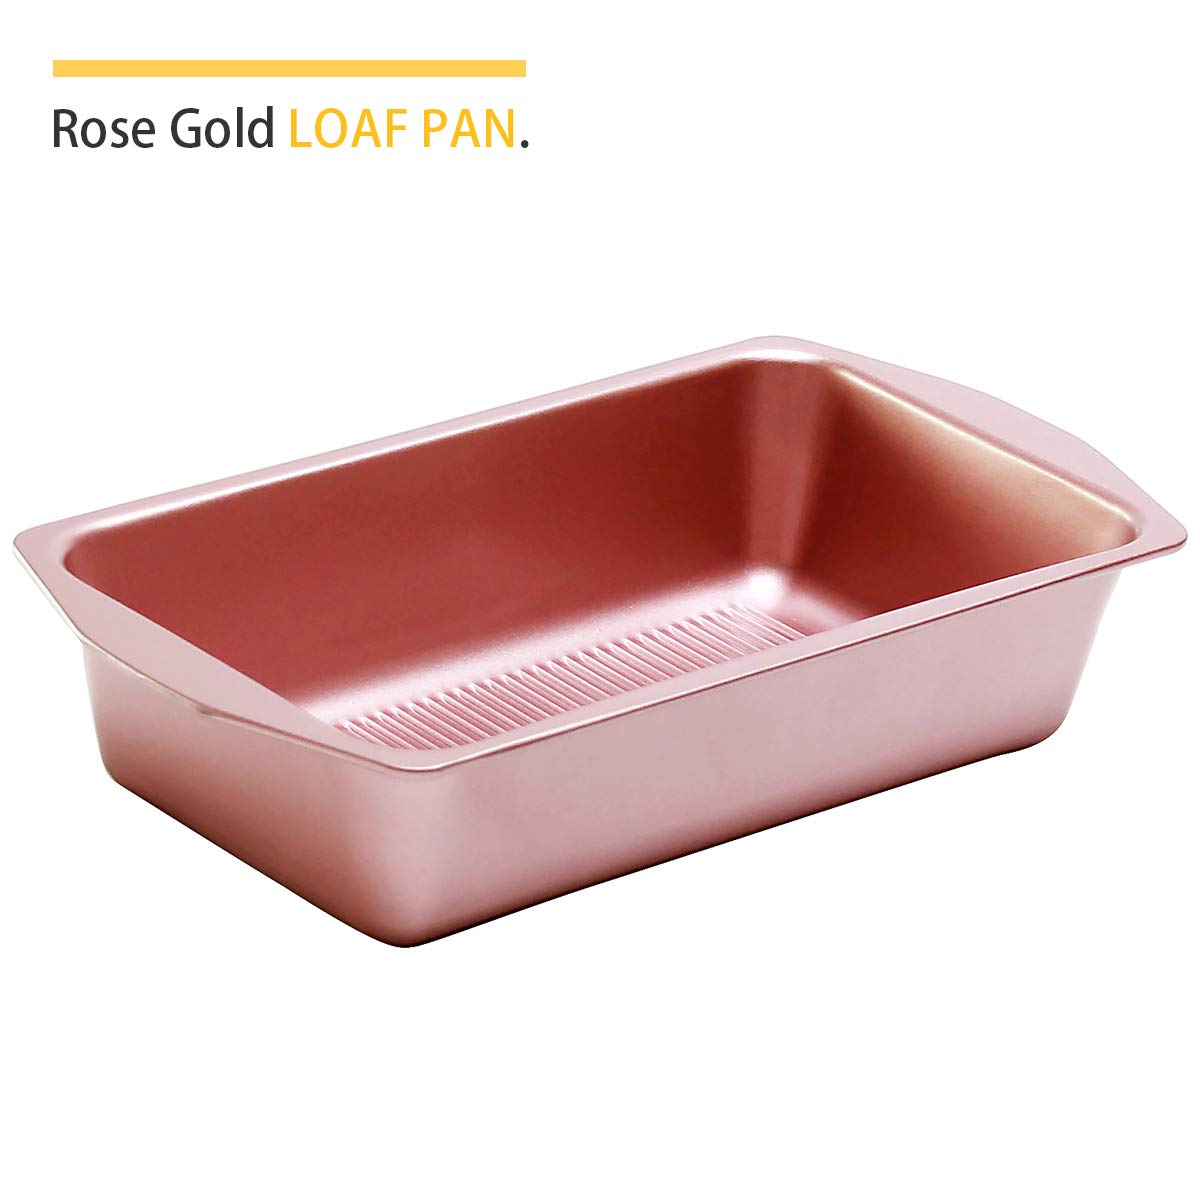 Bakeware Set, TOPTIER 6 Piece Nonstick Baking Pan Sets with Cookie Baking Sheets, Muffin Pan, Loaf Pan, Round Cake Pan, Roasting Pan for Baking | Prime Housewarming & Wedding Gift, Rose Gold by toptier (Image #4)